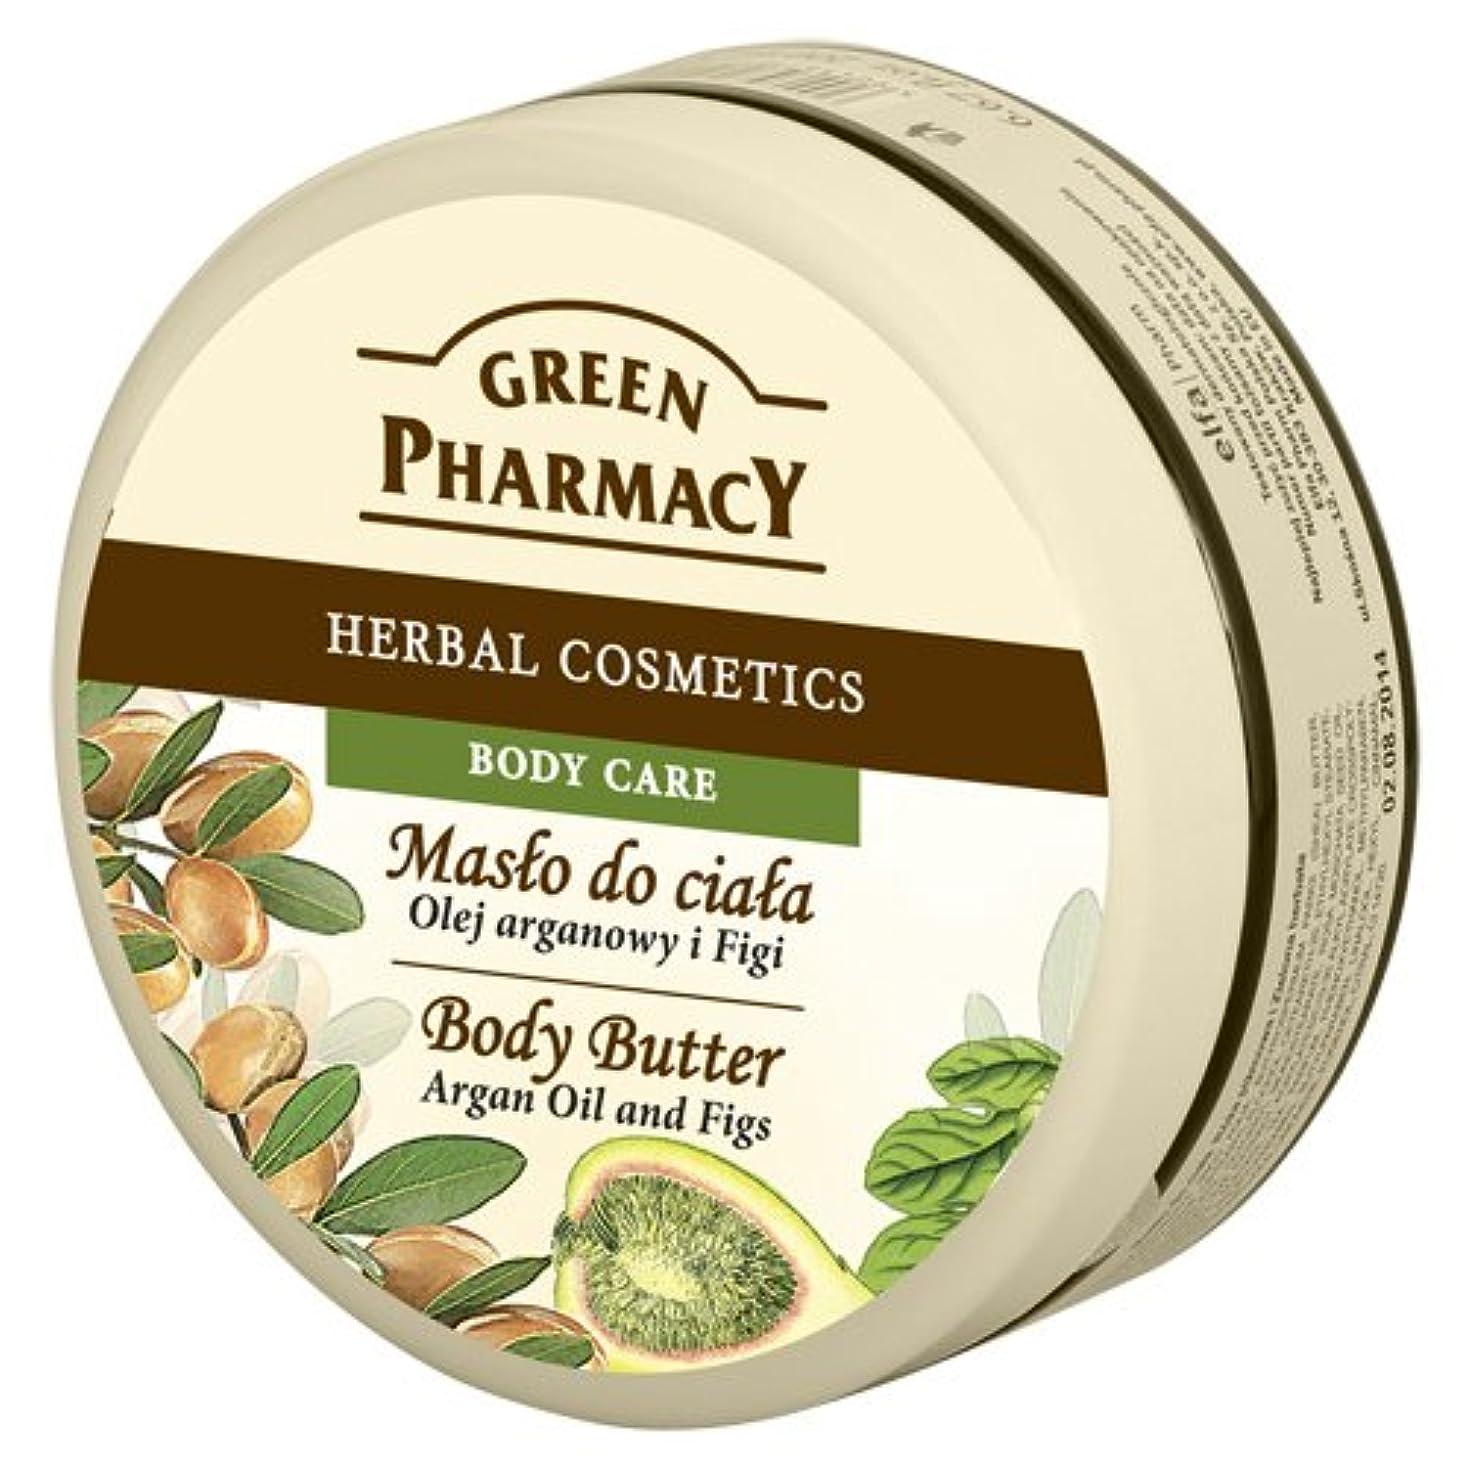 掃除アッティカスマニフェストElfa Pharm Green Pharmacy グリーンファーマシー Body Butter ボディバター Argan Oil and Figs